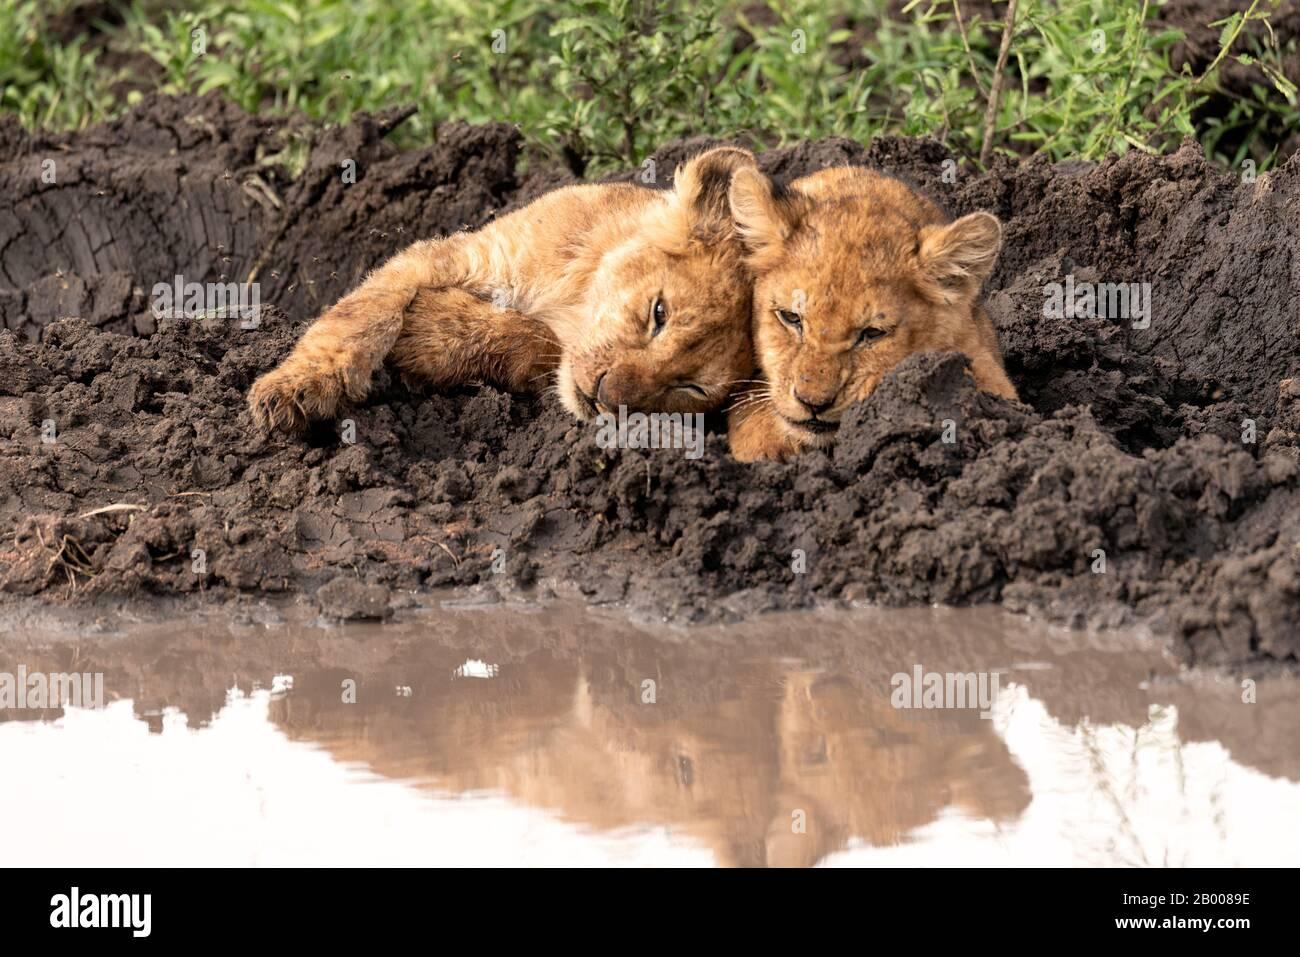 Adlige Löwenkuppen kuscheln mit Spiegelung in der Pfütze Stockfoto